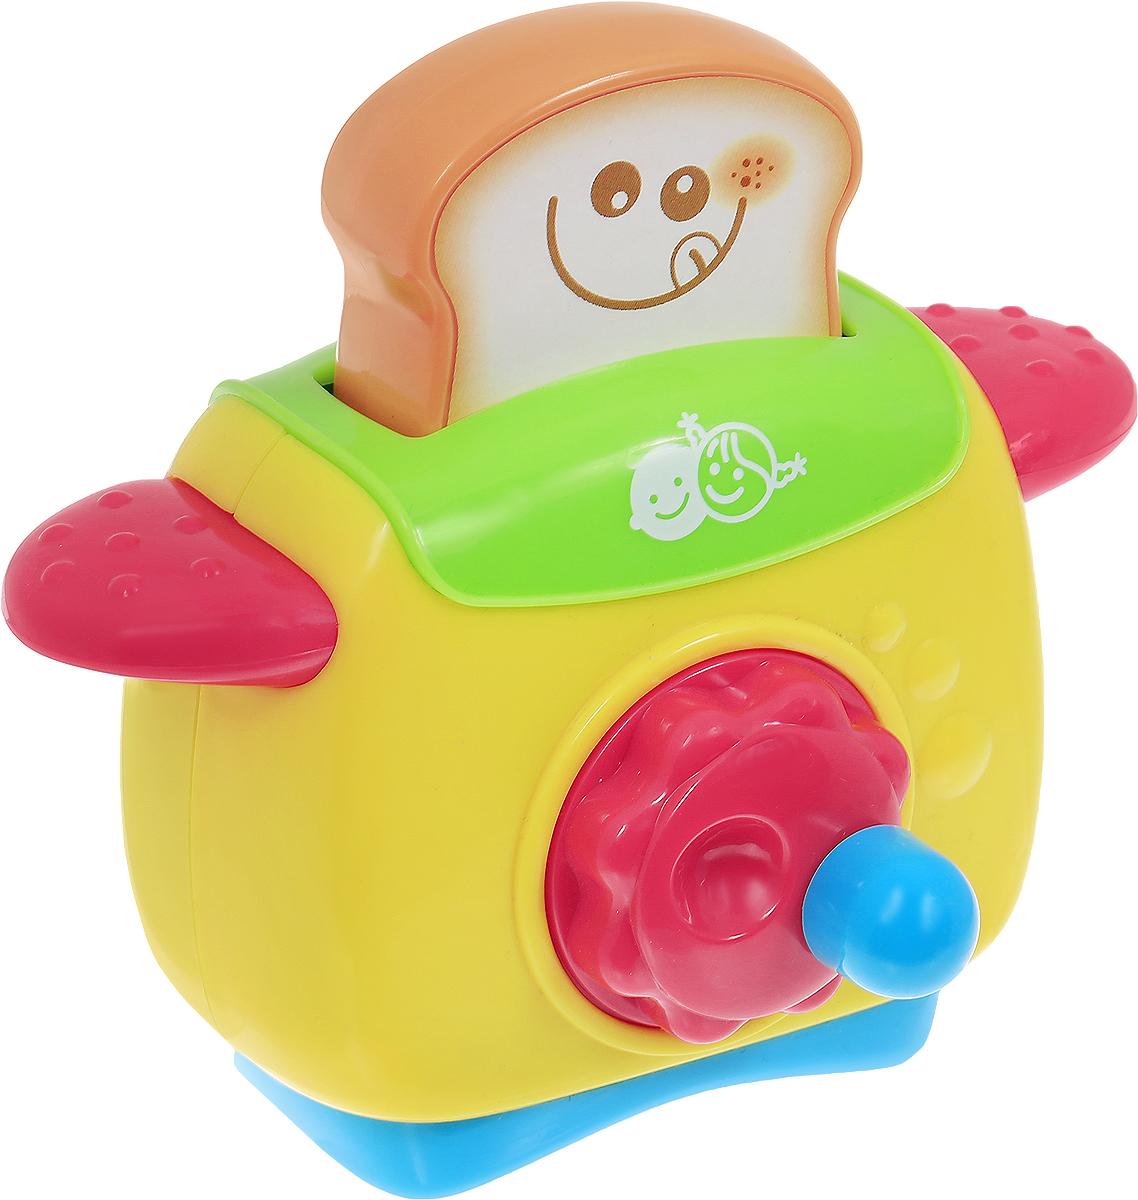 Playgo Развивающая игрушка Мой первый тостерPlay 2604Игрушка Playgo Мой первый тостер привлечет внимание вашего маленького кулинара и не позволит ему скучать. Игрушечный тостер очень похож на настоящий кухонный прибор! Сверху имеется кусочек хлеба, который опускается внутрь. Если покрутить за рычаг, то заиграет приятная негромкая мелодия. Сзади игрушки имеется окошко с передвижной панелью. Игрушечная бытовая техника не только развлекает ребенка, но и знакомит его с правилами использования электроприборов. Порадуйте своего малыша таким замечательным подарком!